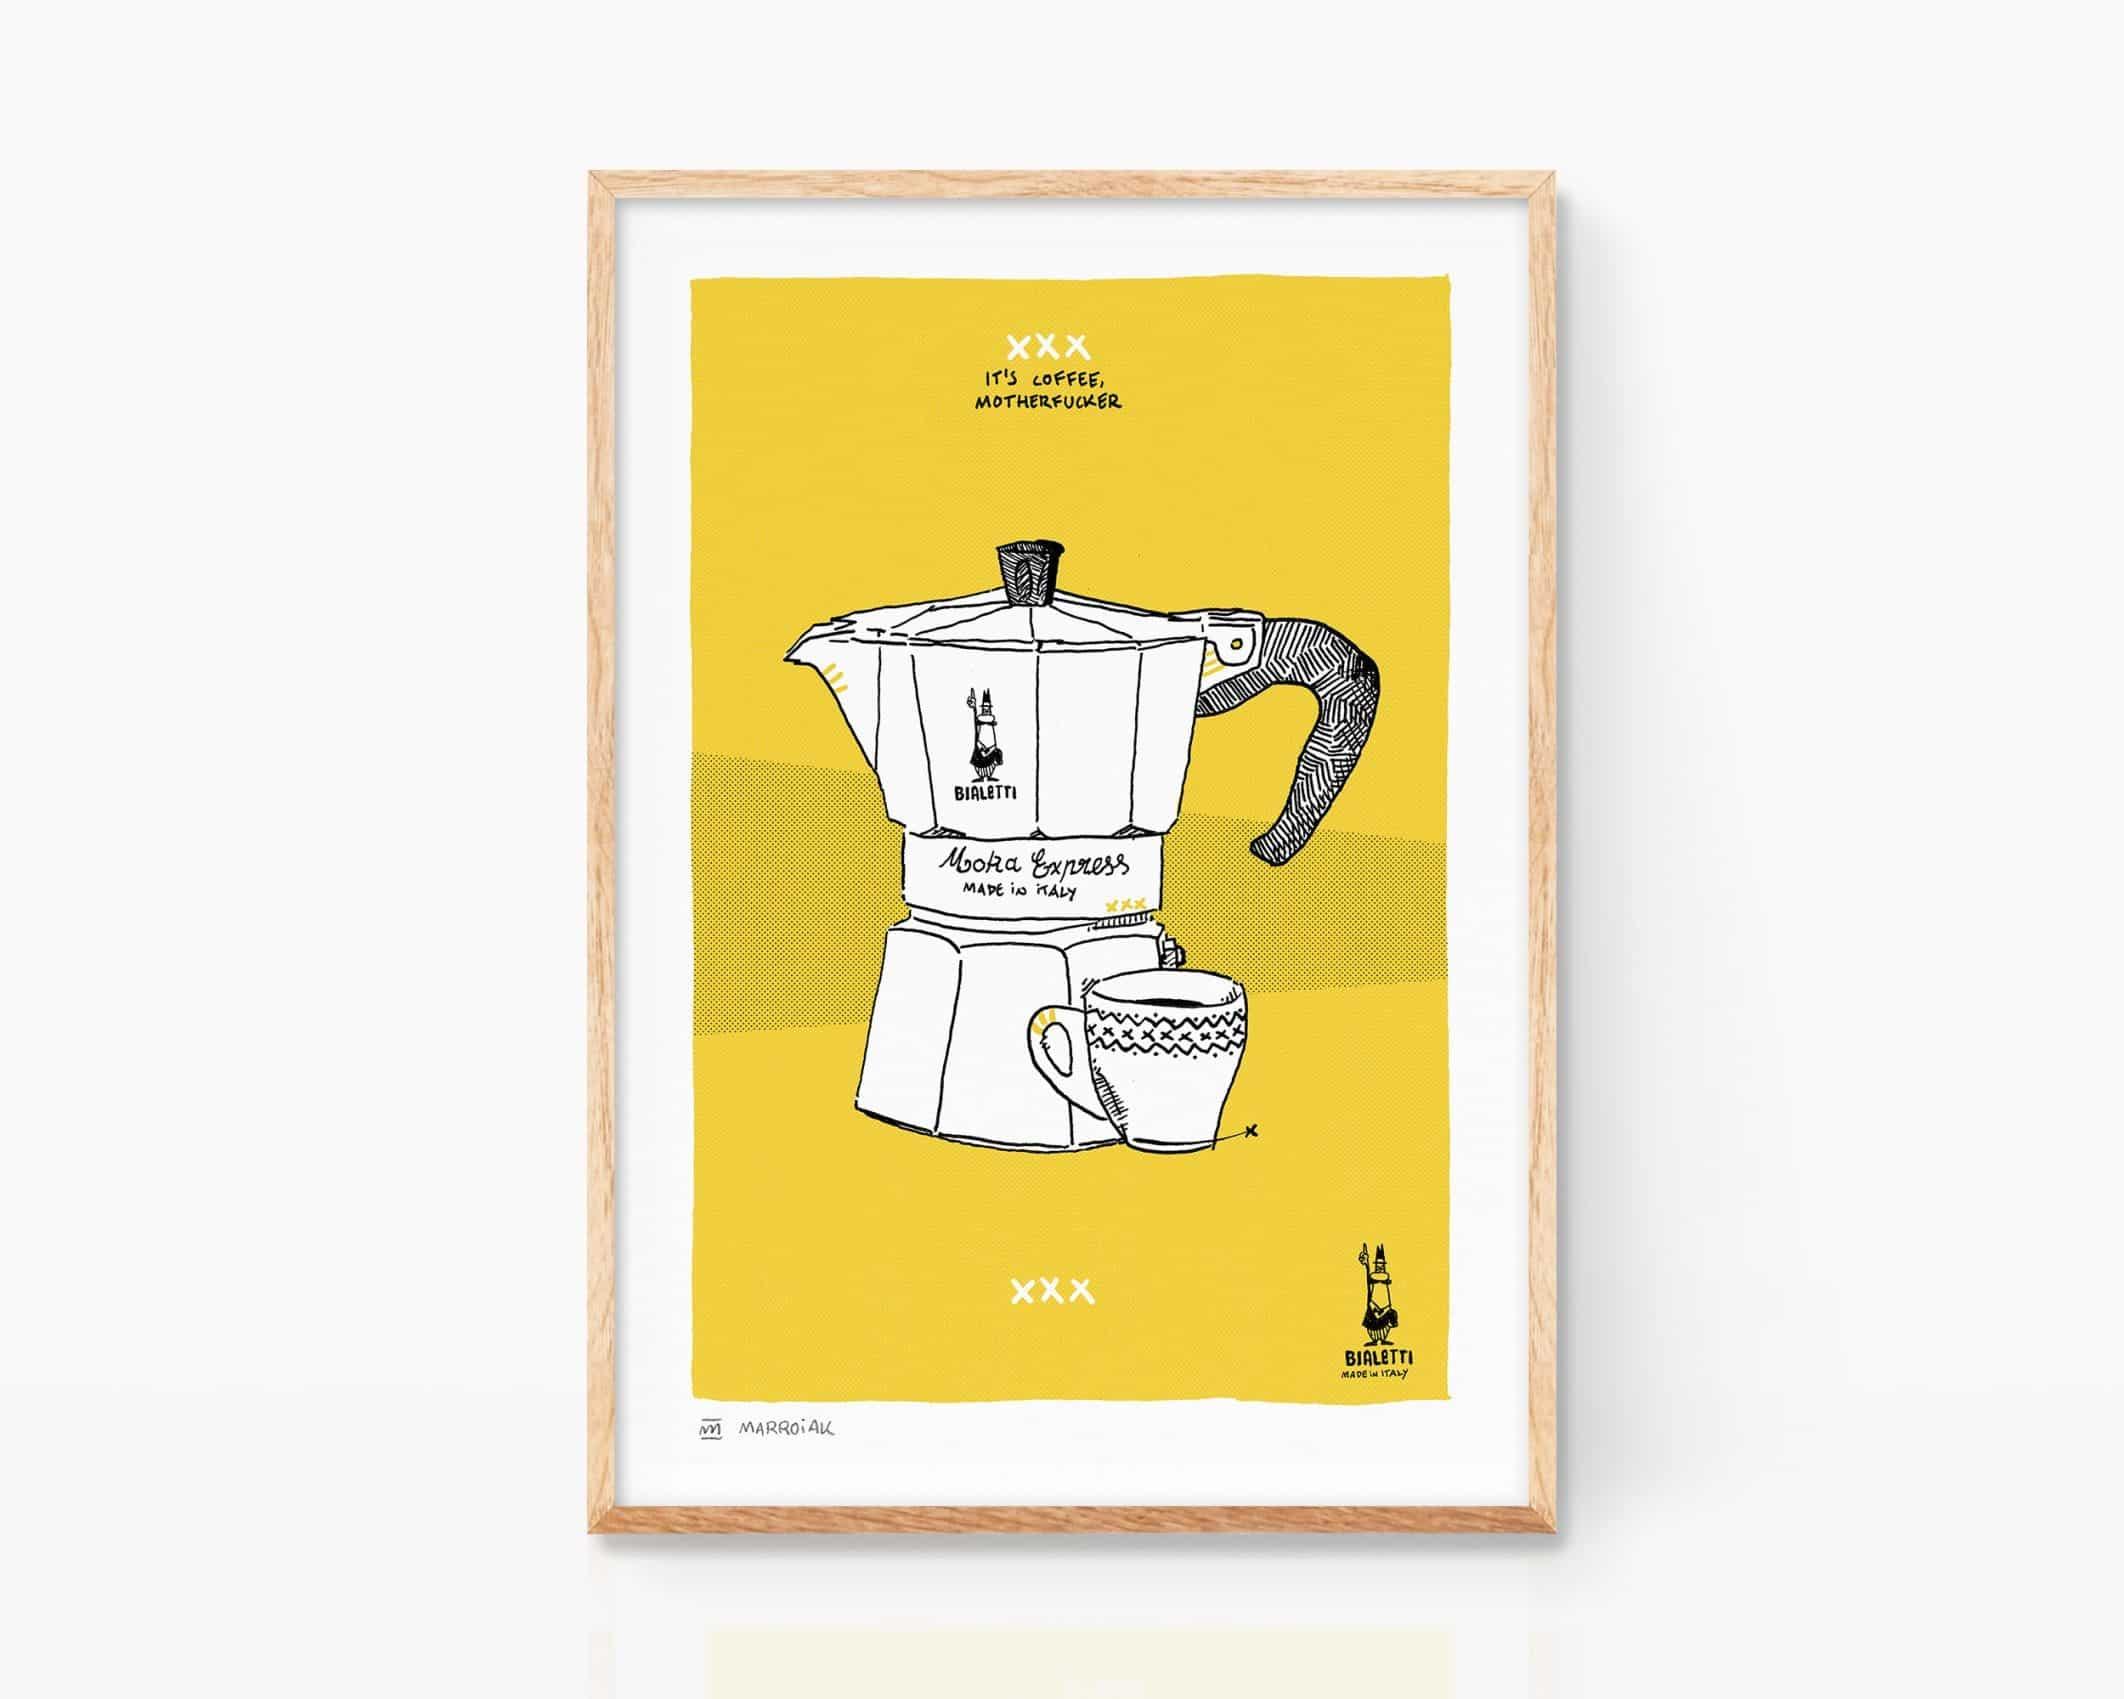 Lámina Print con un dibujo de una cafetera italiana vintage Bialetti. Ilustración tinta sobre papel en color. Cuadro decorativo para cocinas. Decoración Pop Art